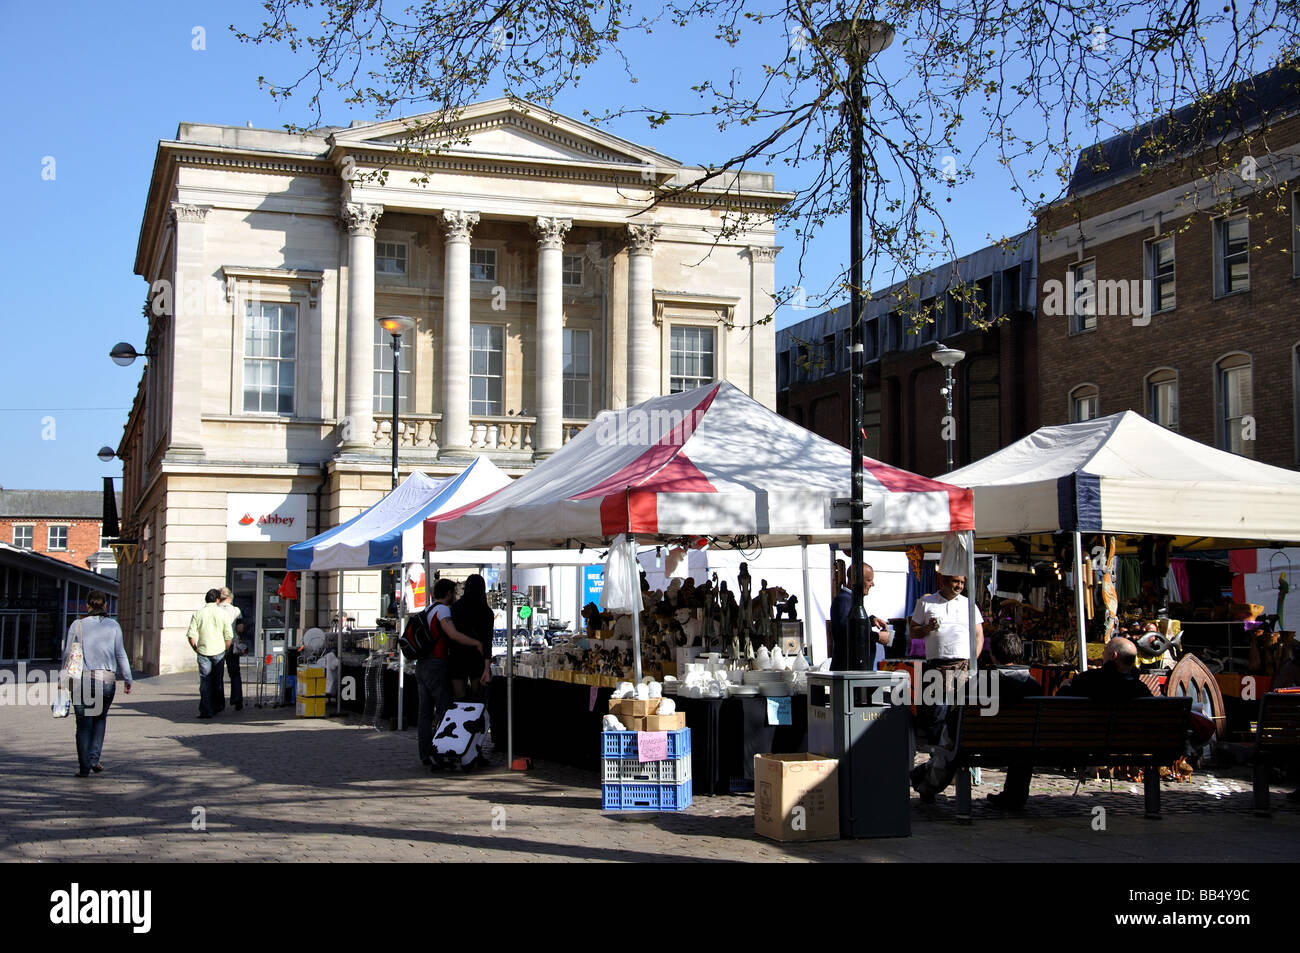 Outdoor market, Cornhill, Lincoln, Lincolnshire, England, United Kingdom - Stock Image